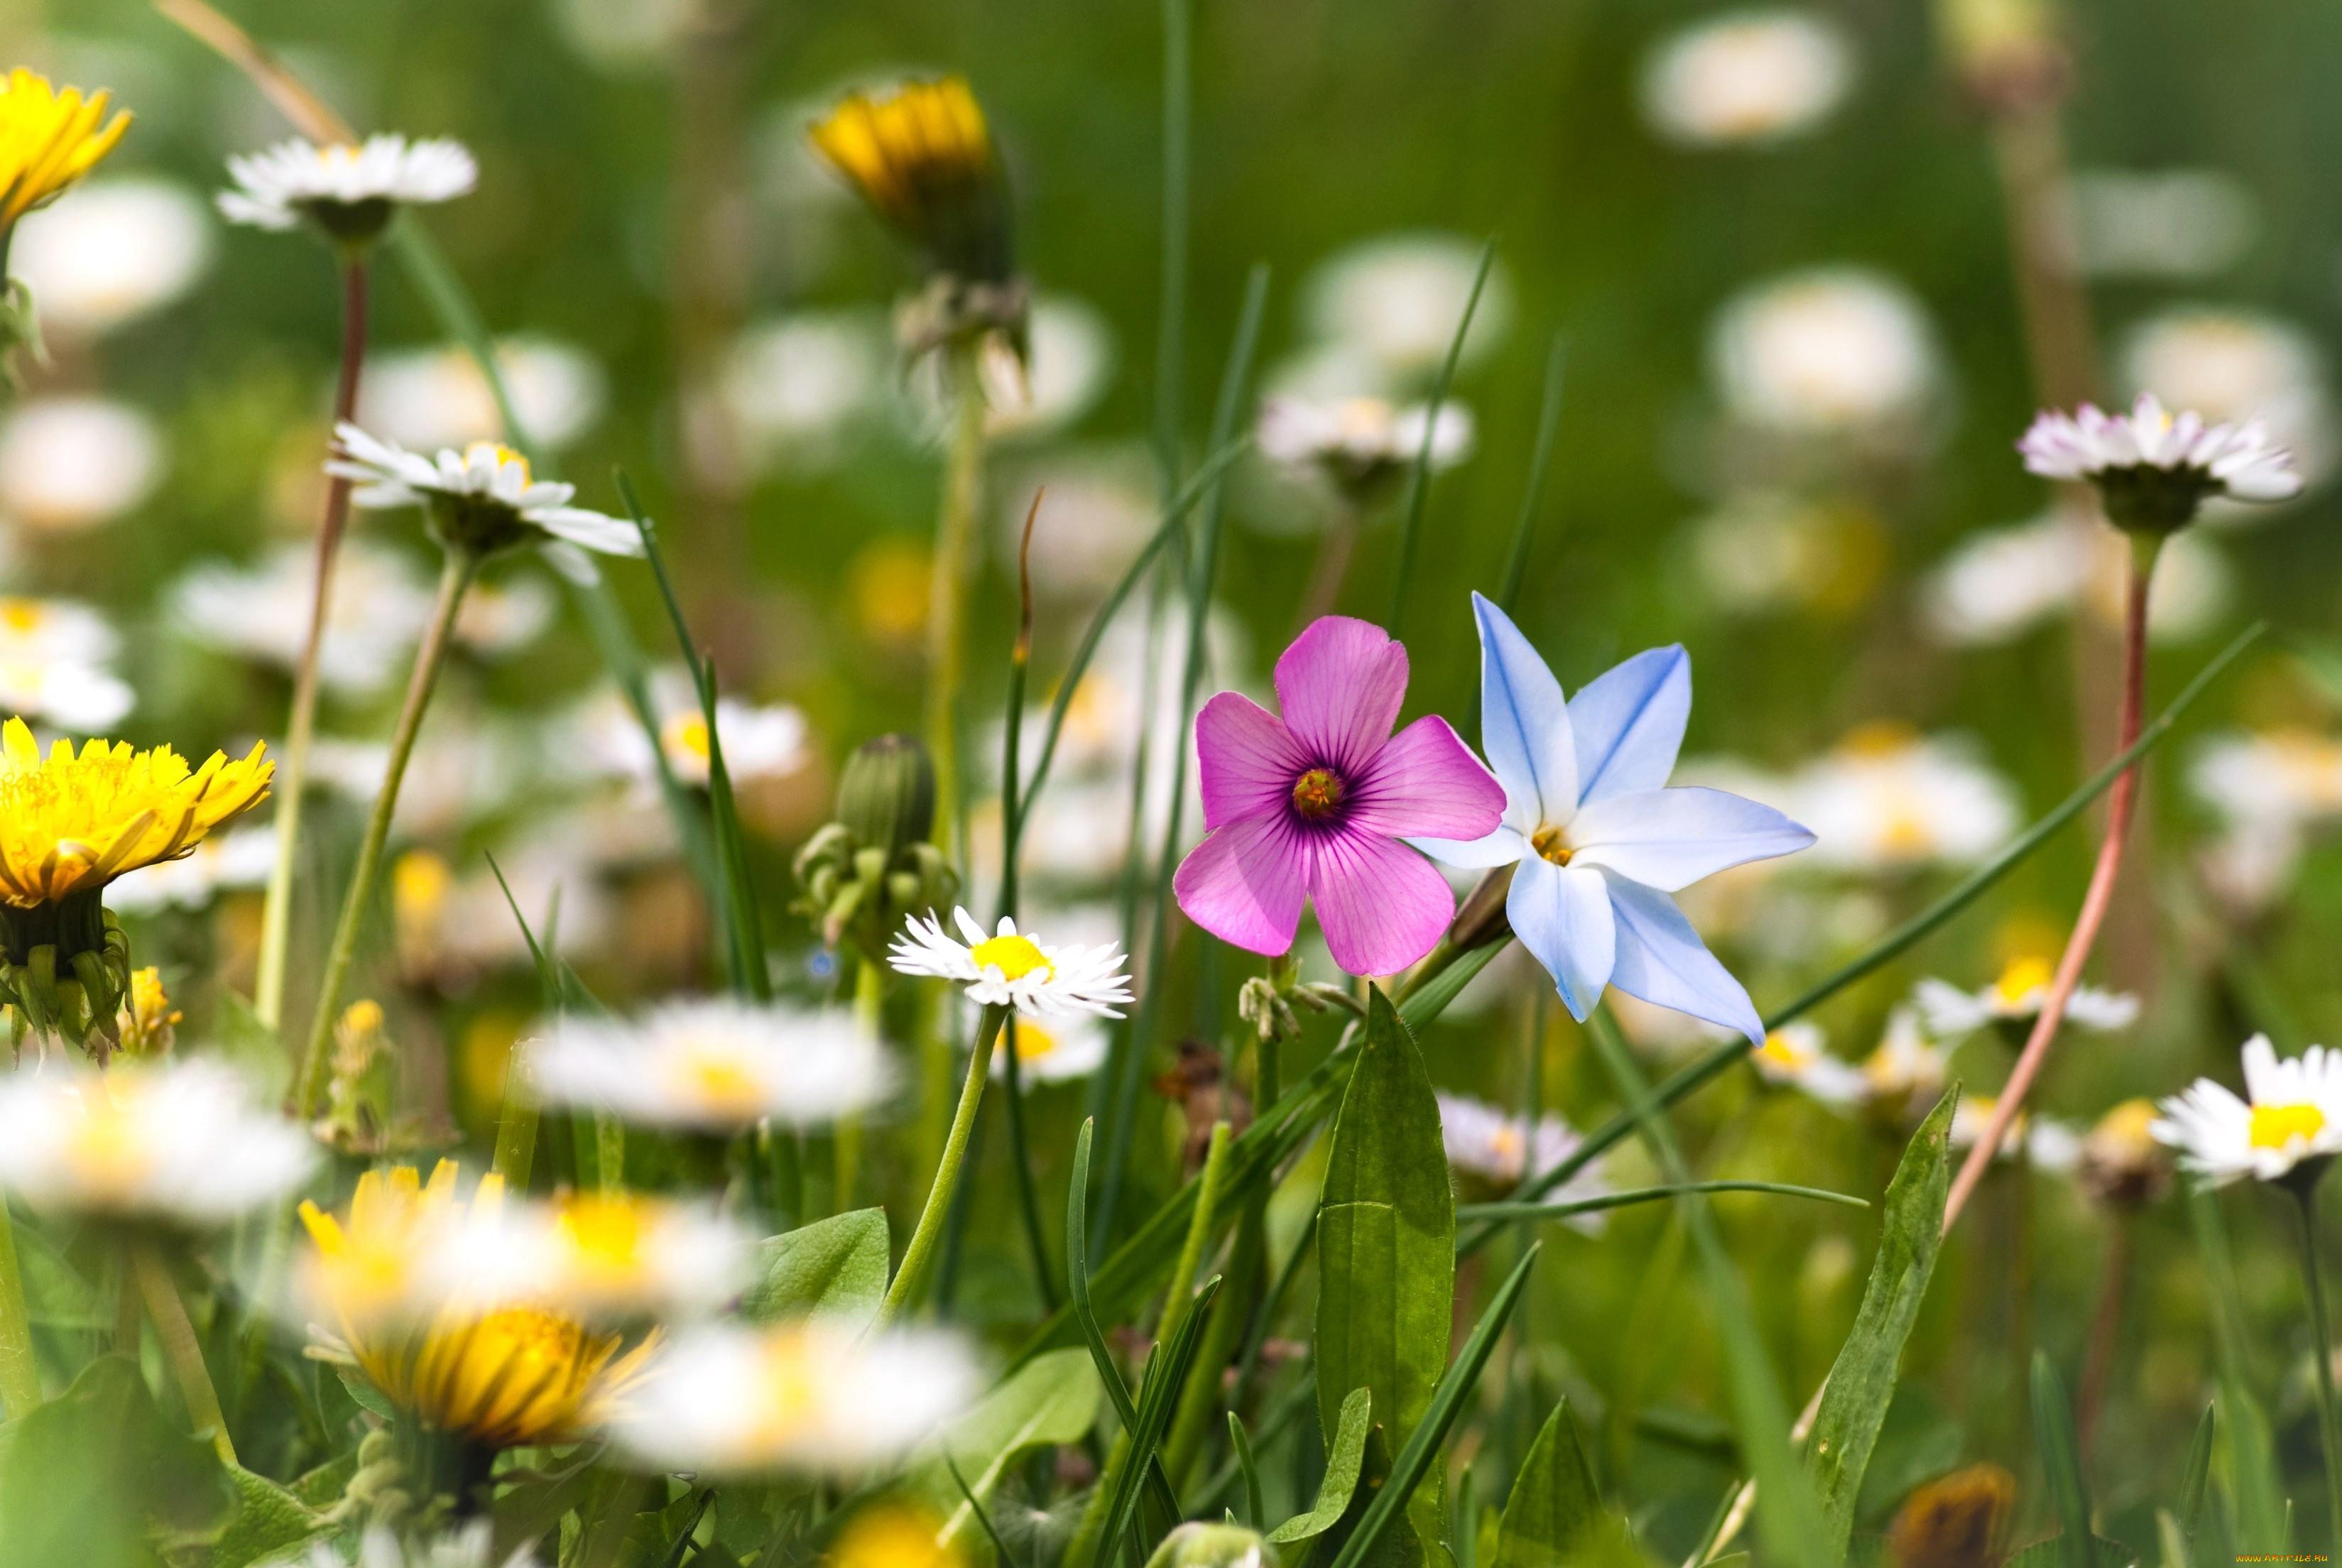 фото полевых цветов в хорошем качестве появления субкультуры эмо